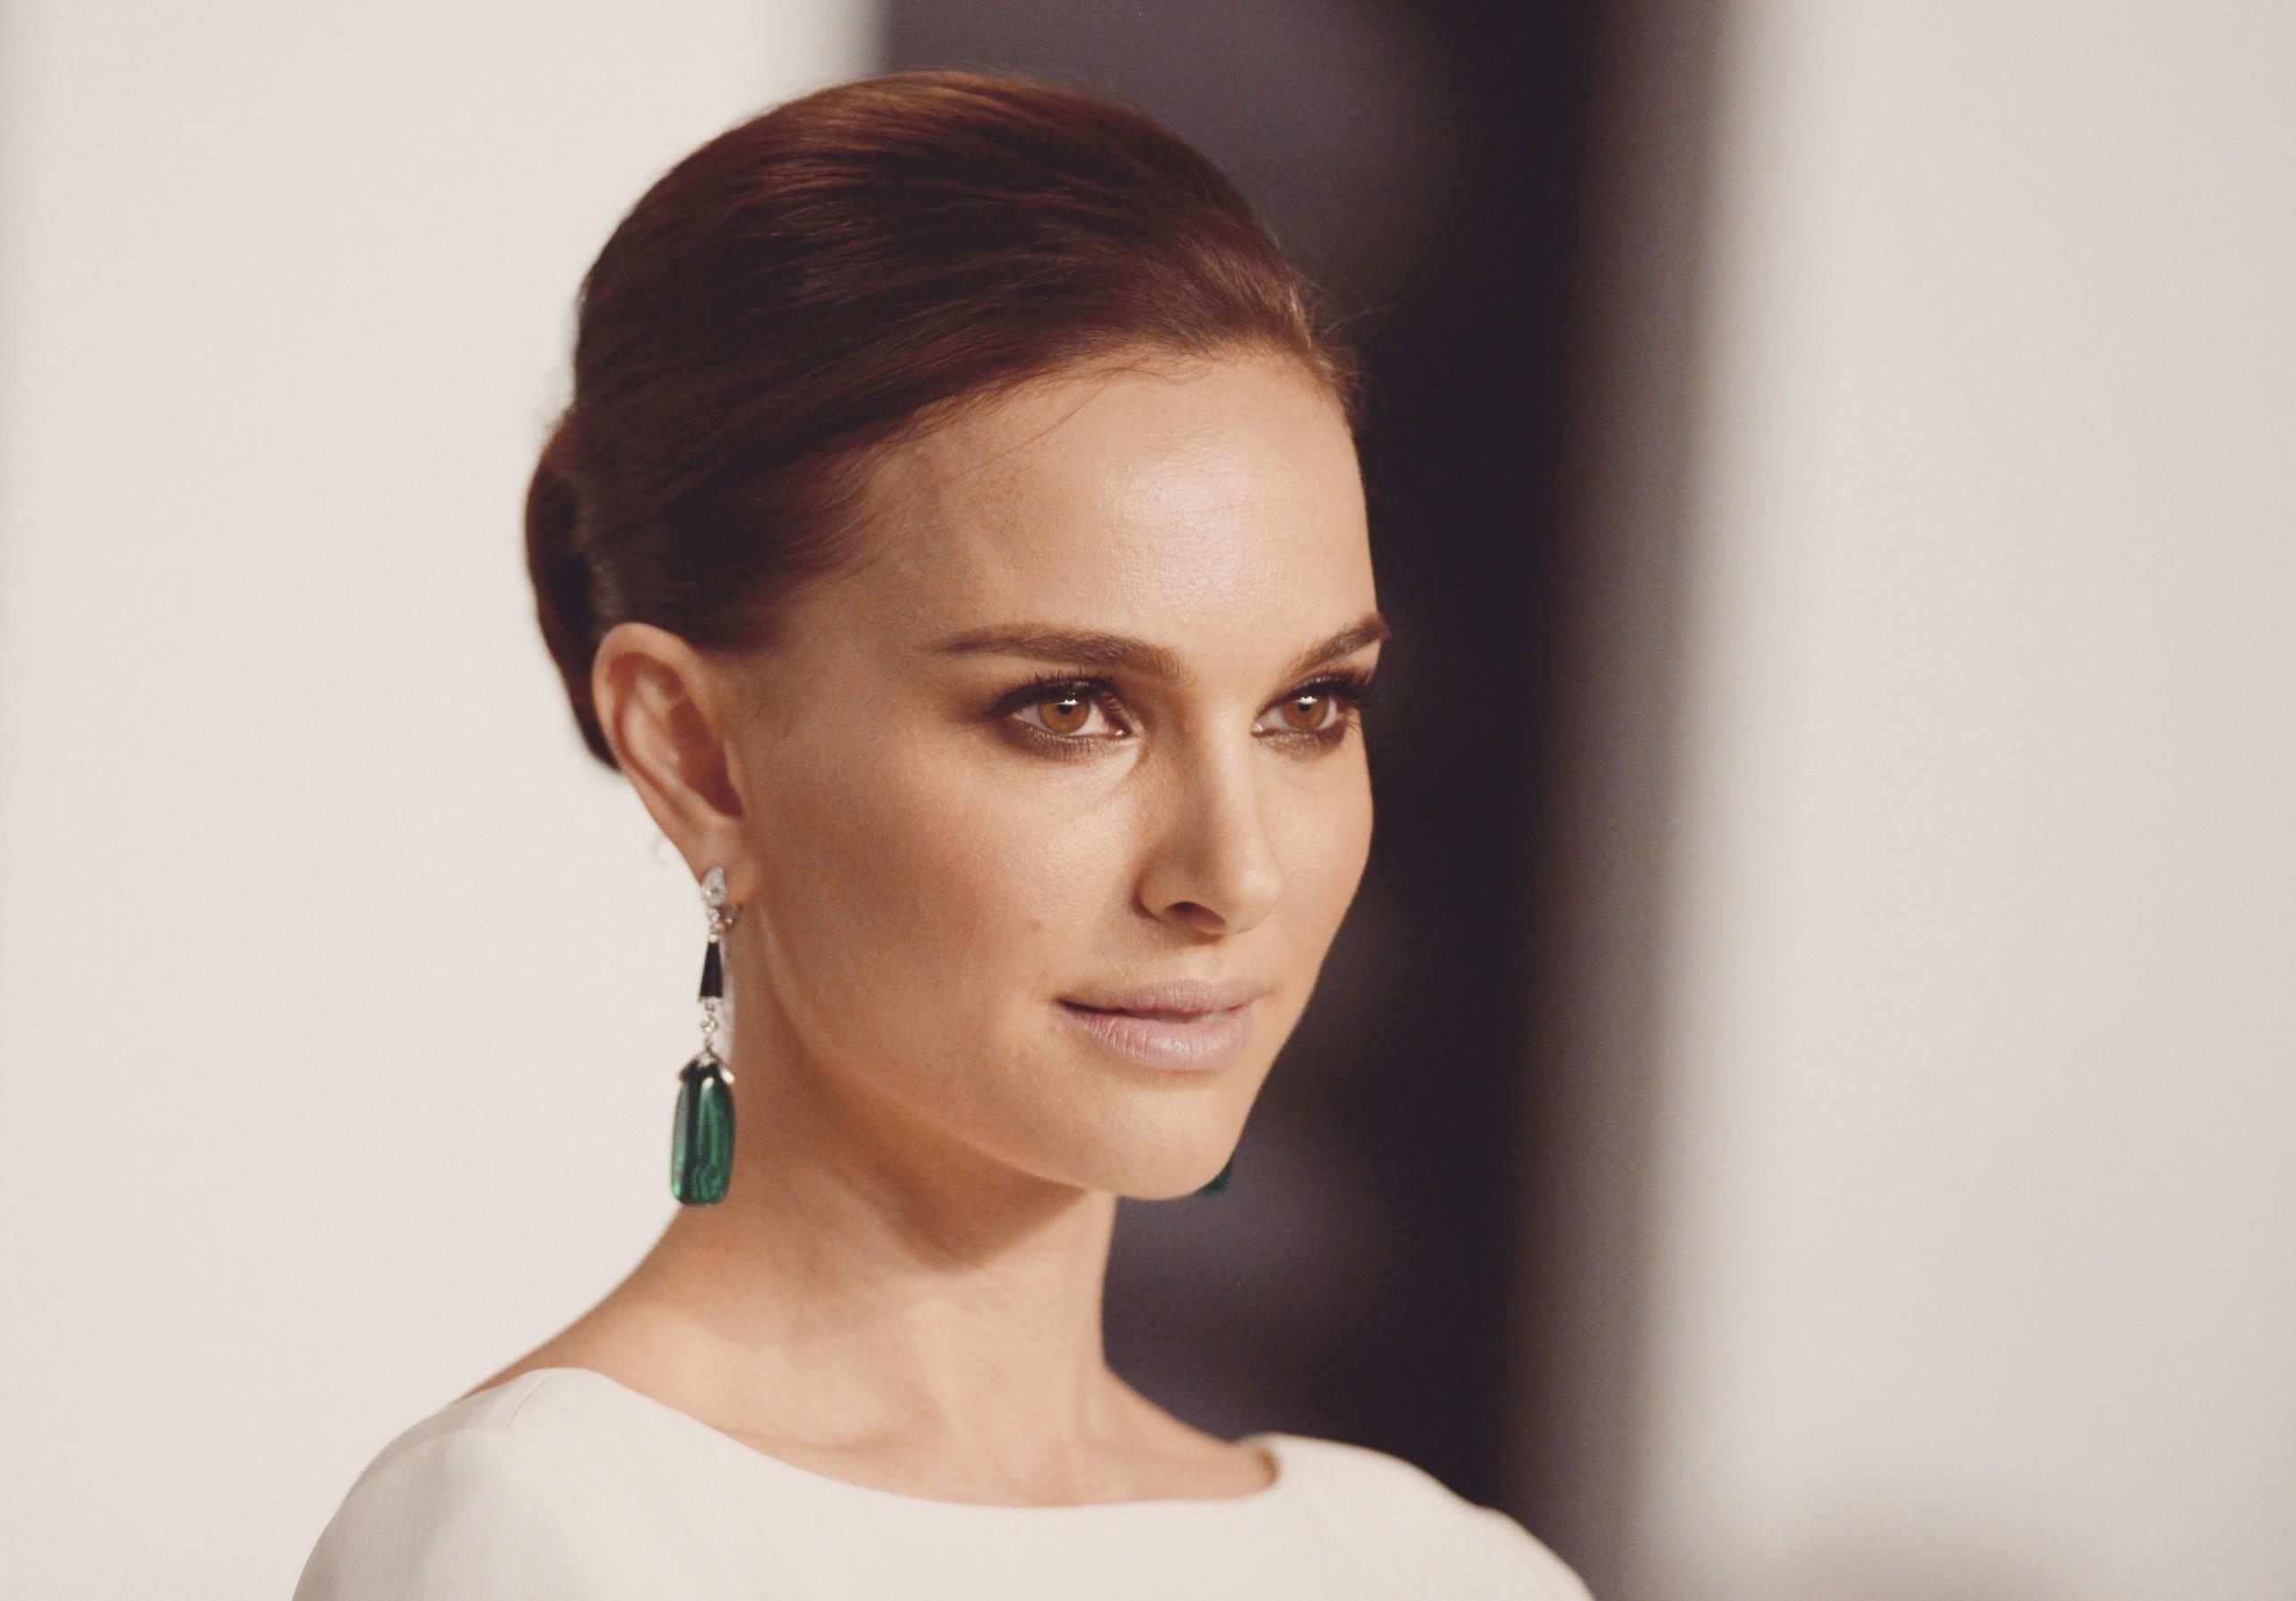 Wallpaper Natalie Portman Hd 4k Celebrities 8565: Natalie Portman 2016 HD, HD Celebrities, 4k Wallpapers